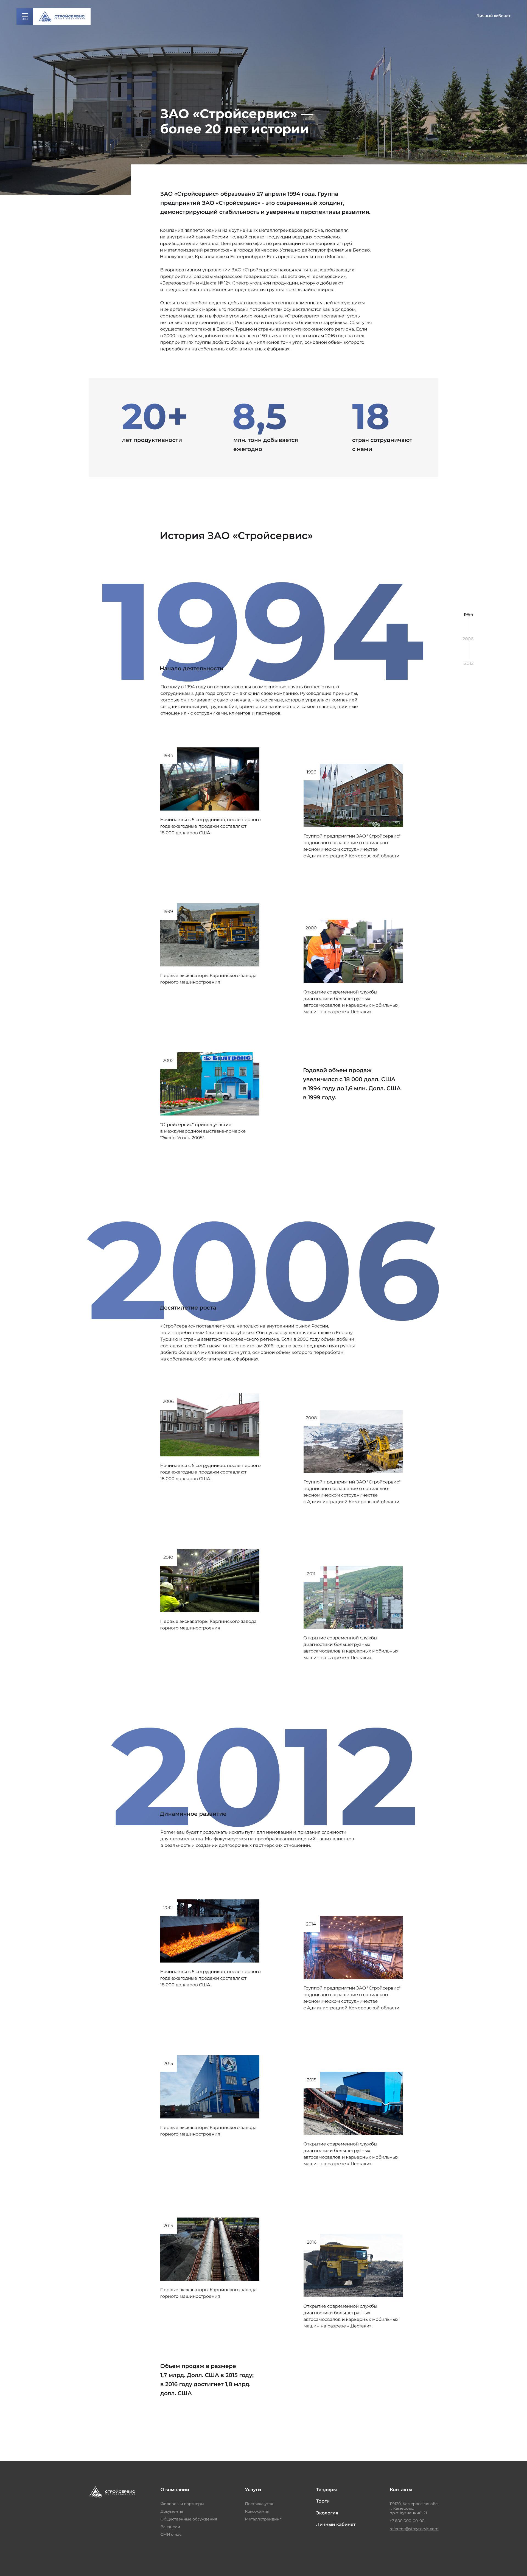 Разработка дизайна сайта угледобывающей компании фото f_0695a85ff7f4ee46.jpg